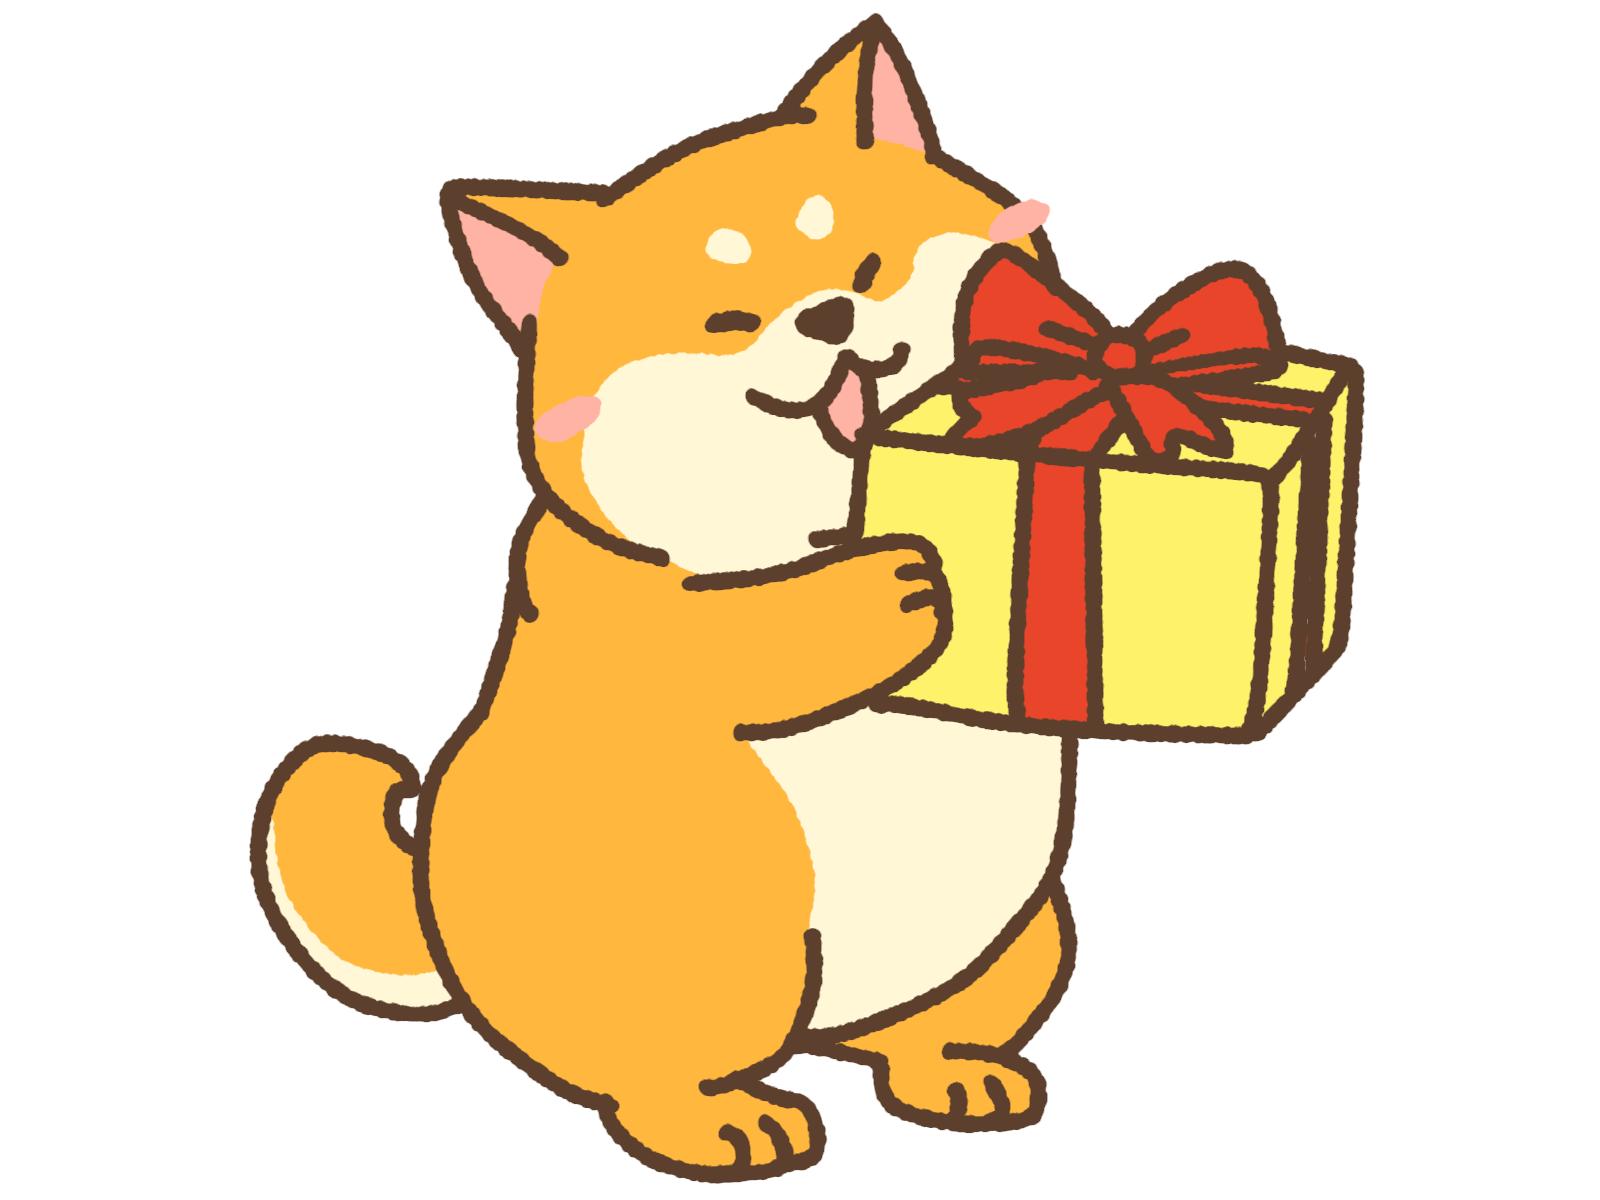 マニキュアのプレゼントのイメージ画像